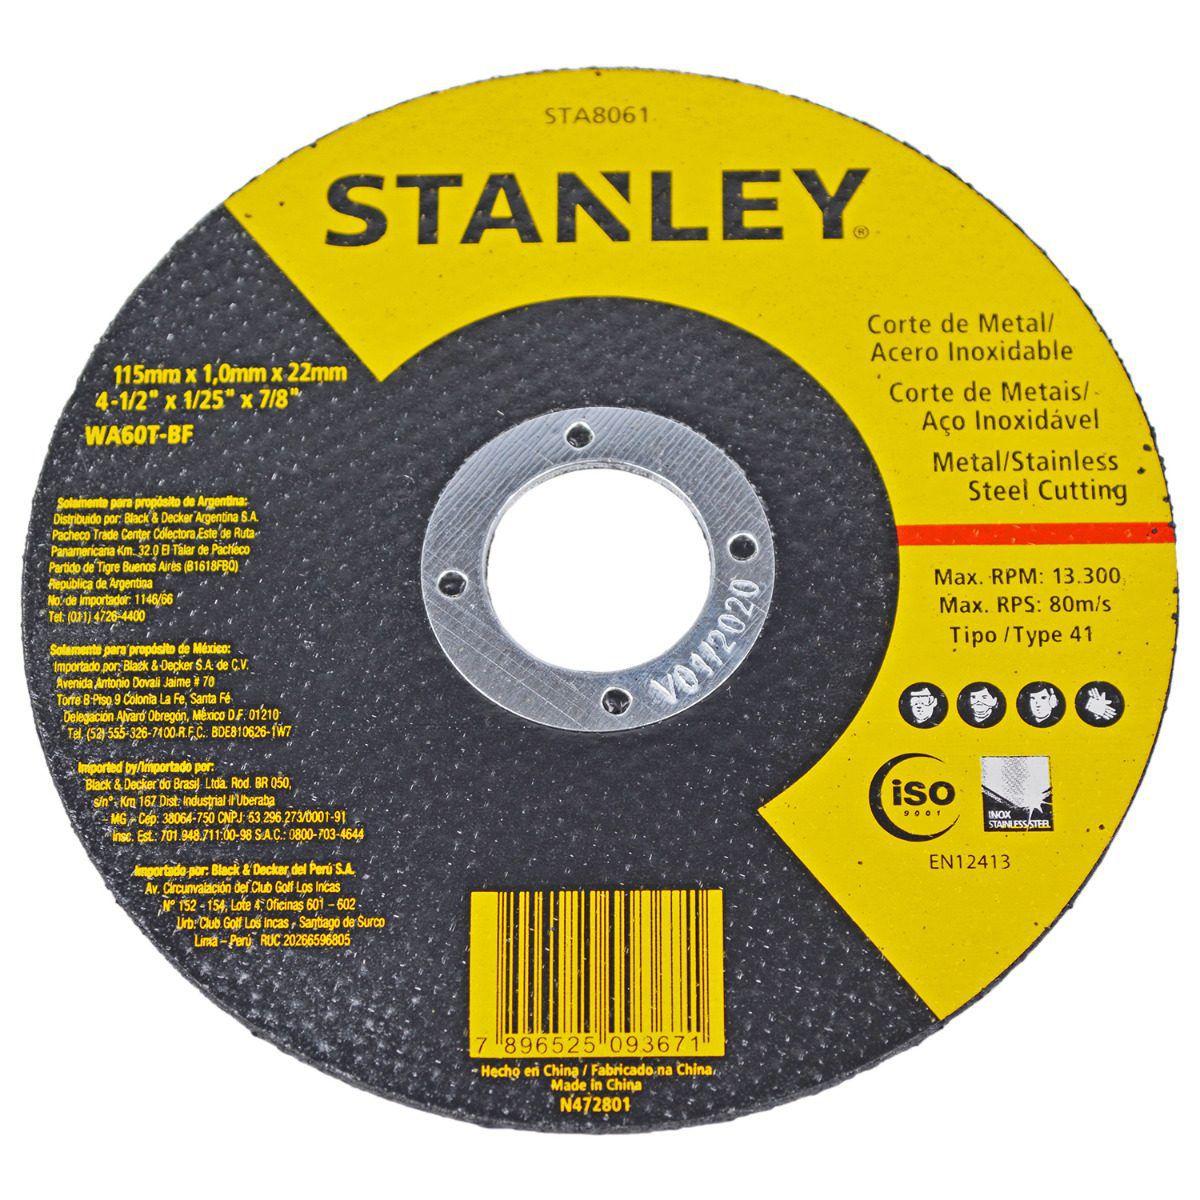 DISCO DE CORTE 4.1/2 X 1MM STANLEY INOX - STA8061